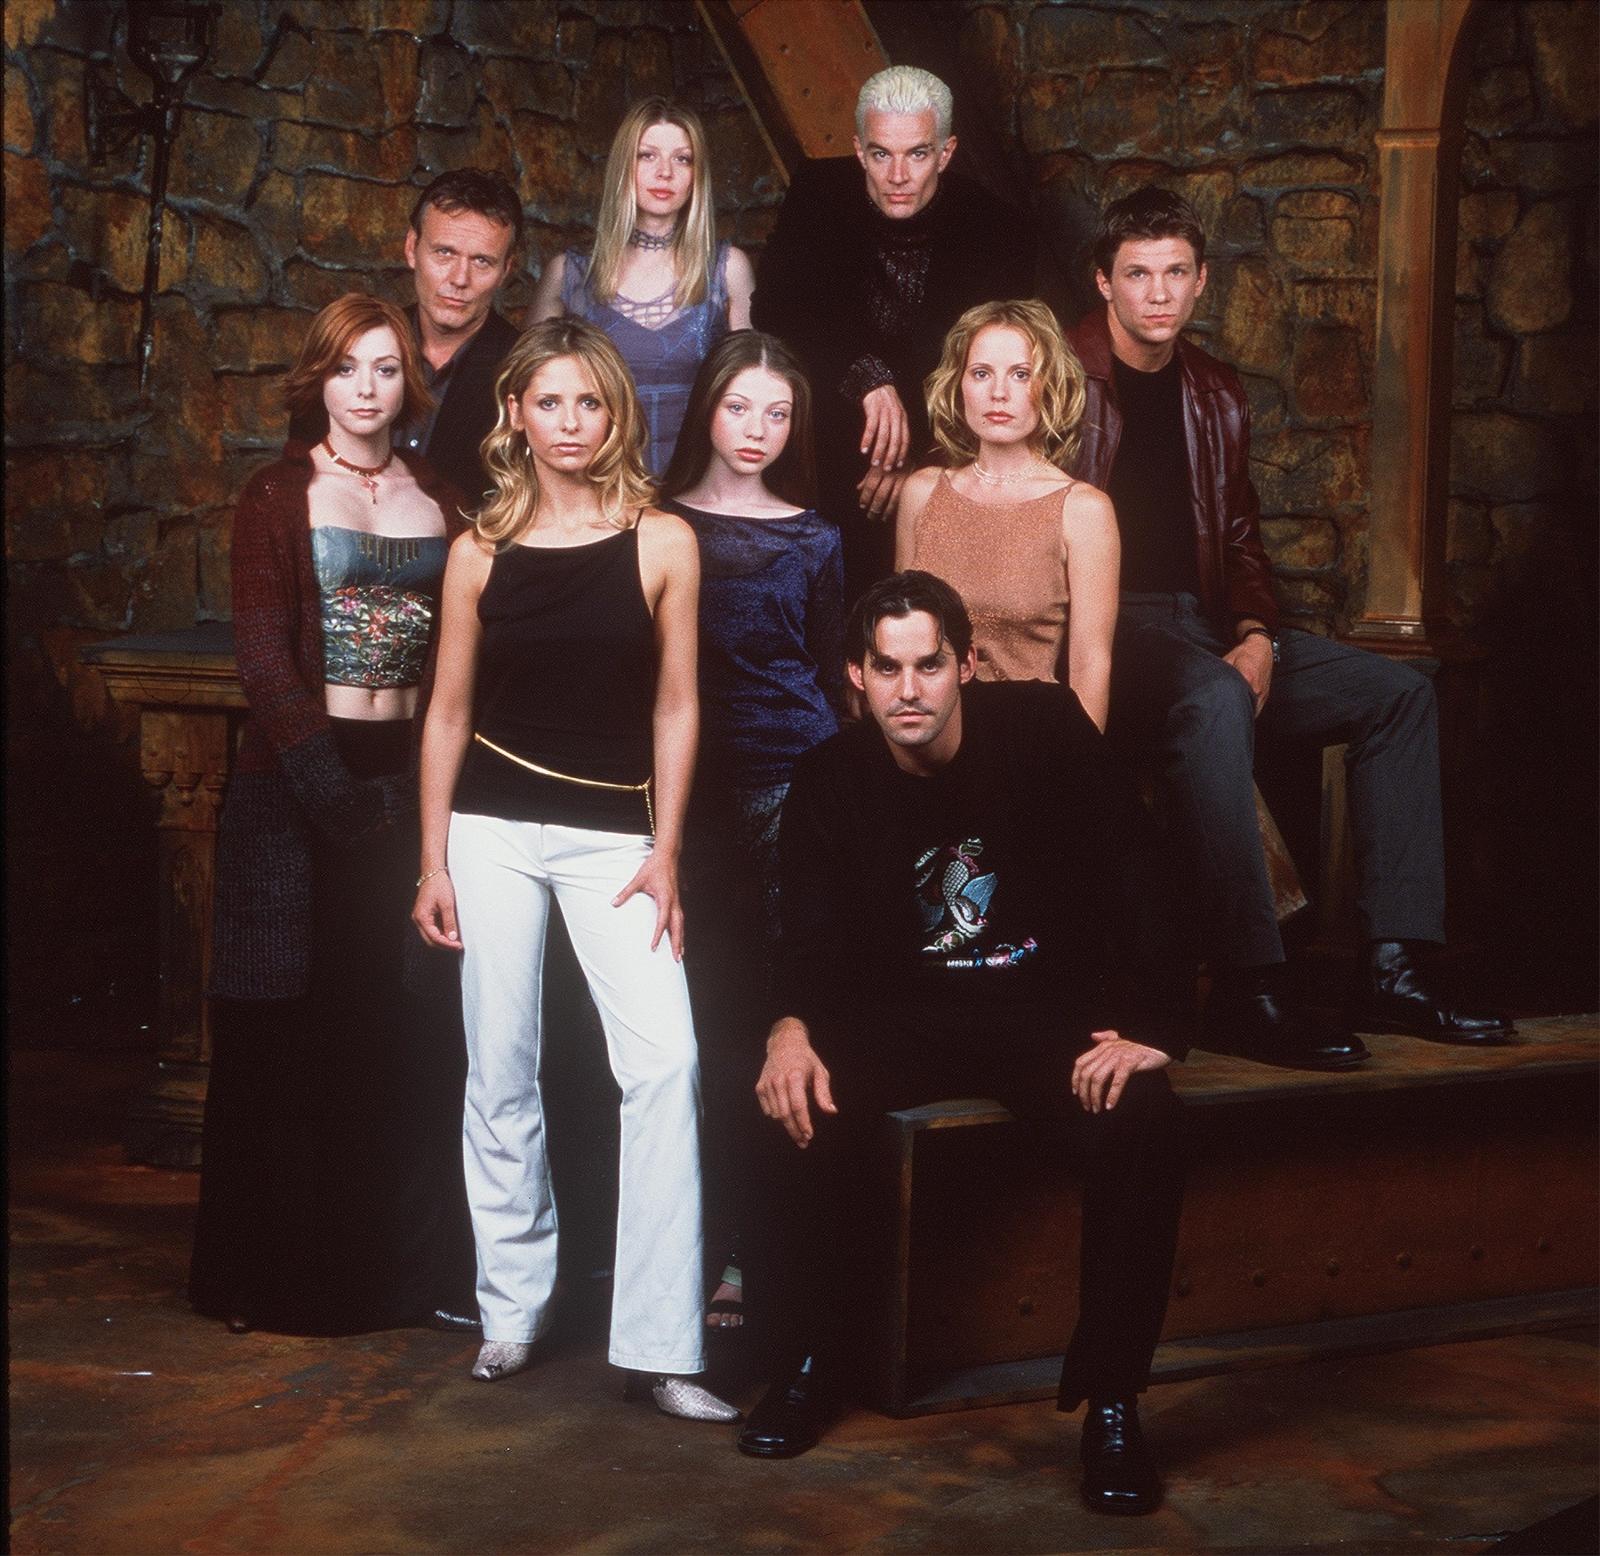 Buffy the Vampire Slayer 20th anniversary: How she kicked